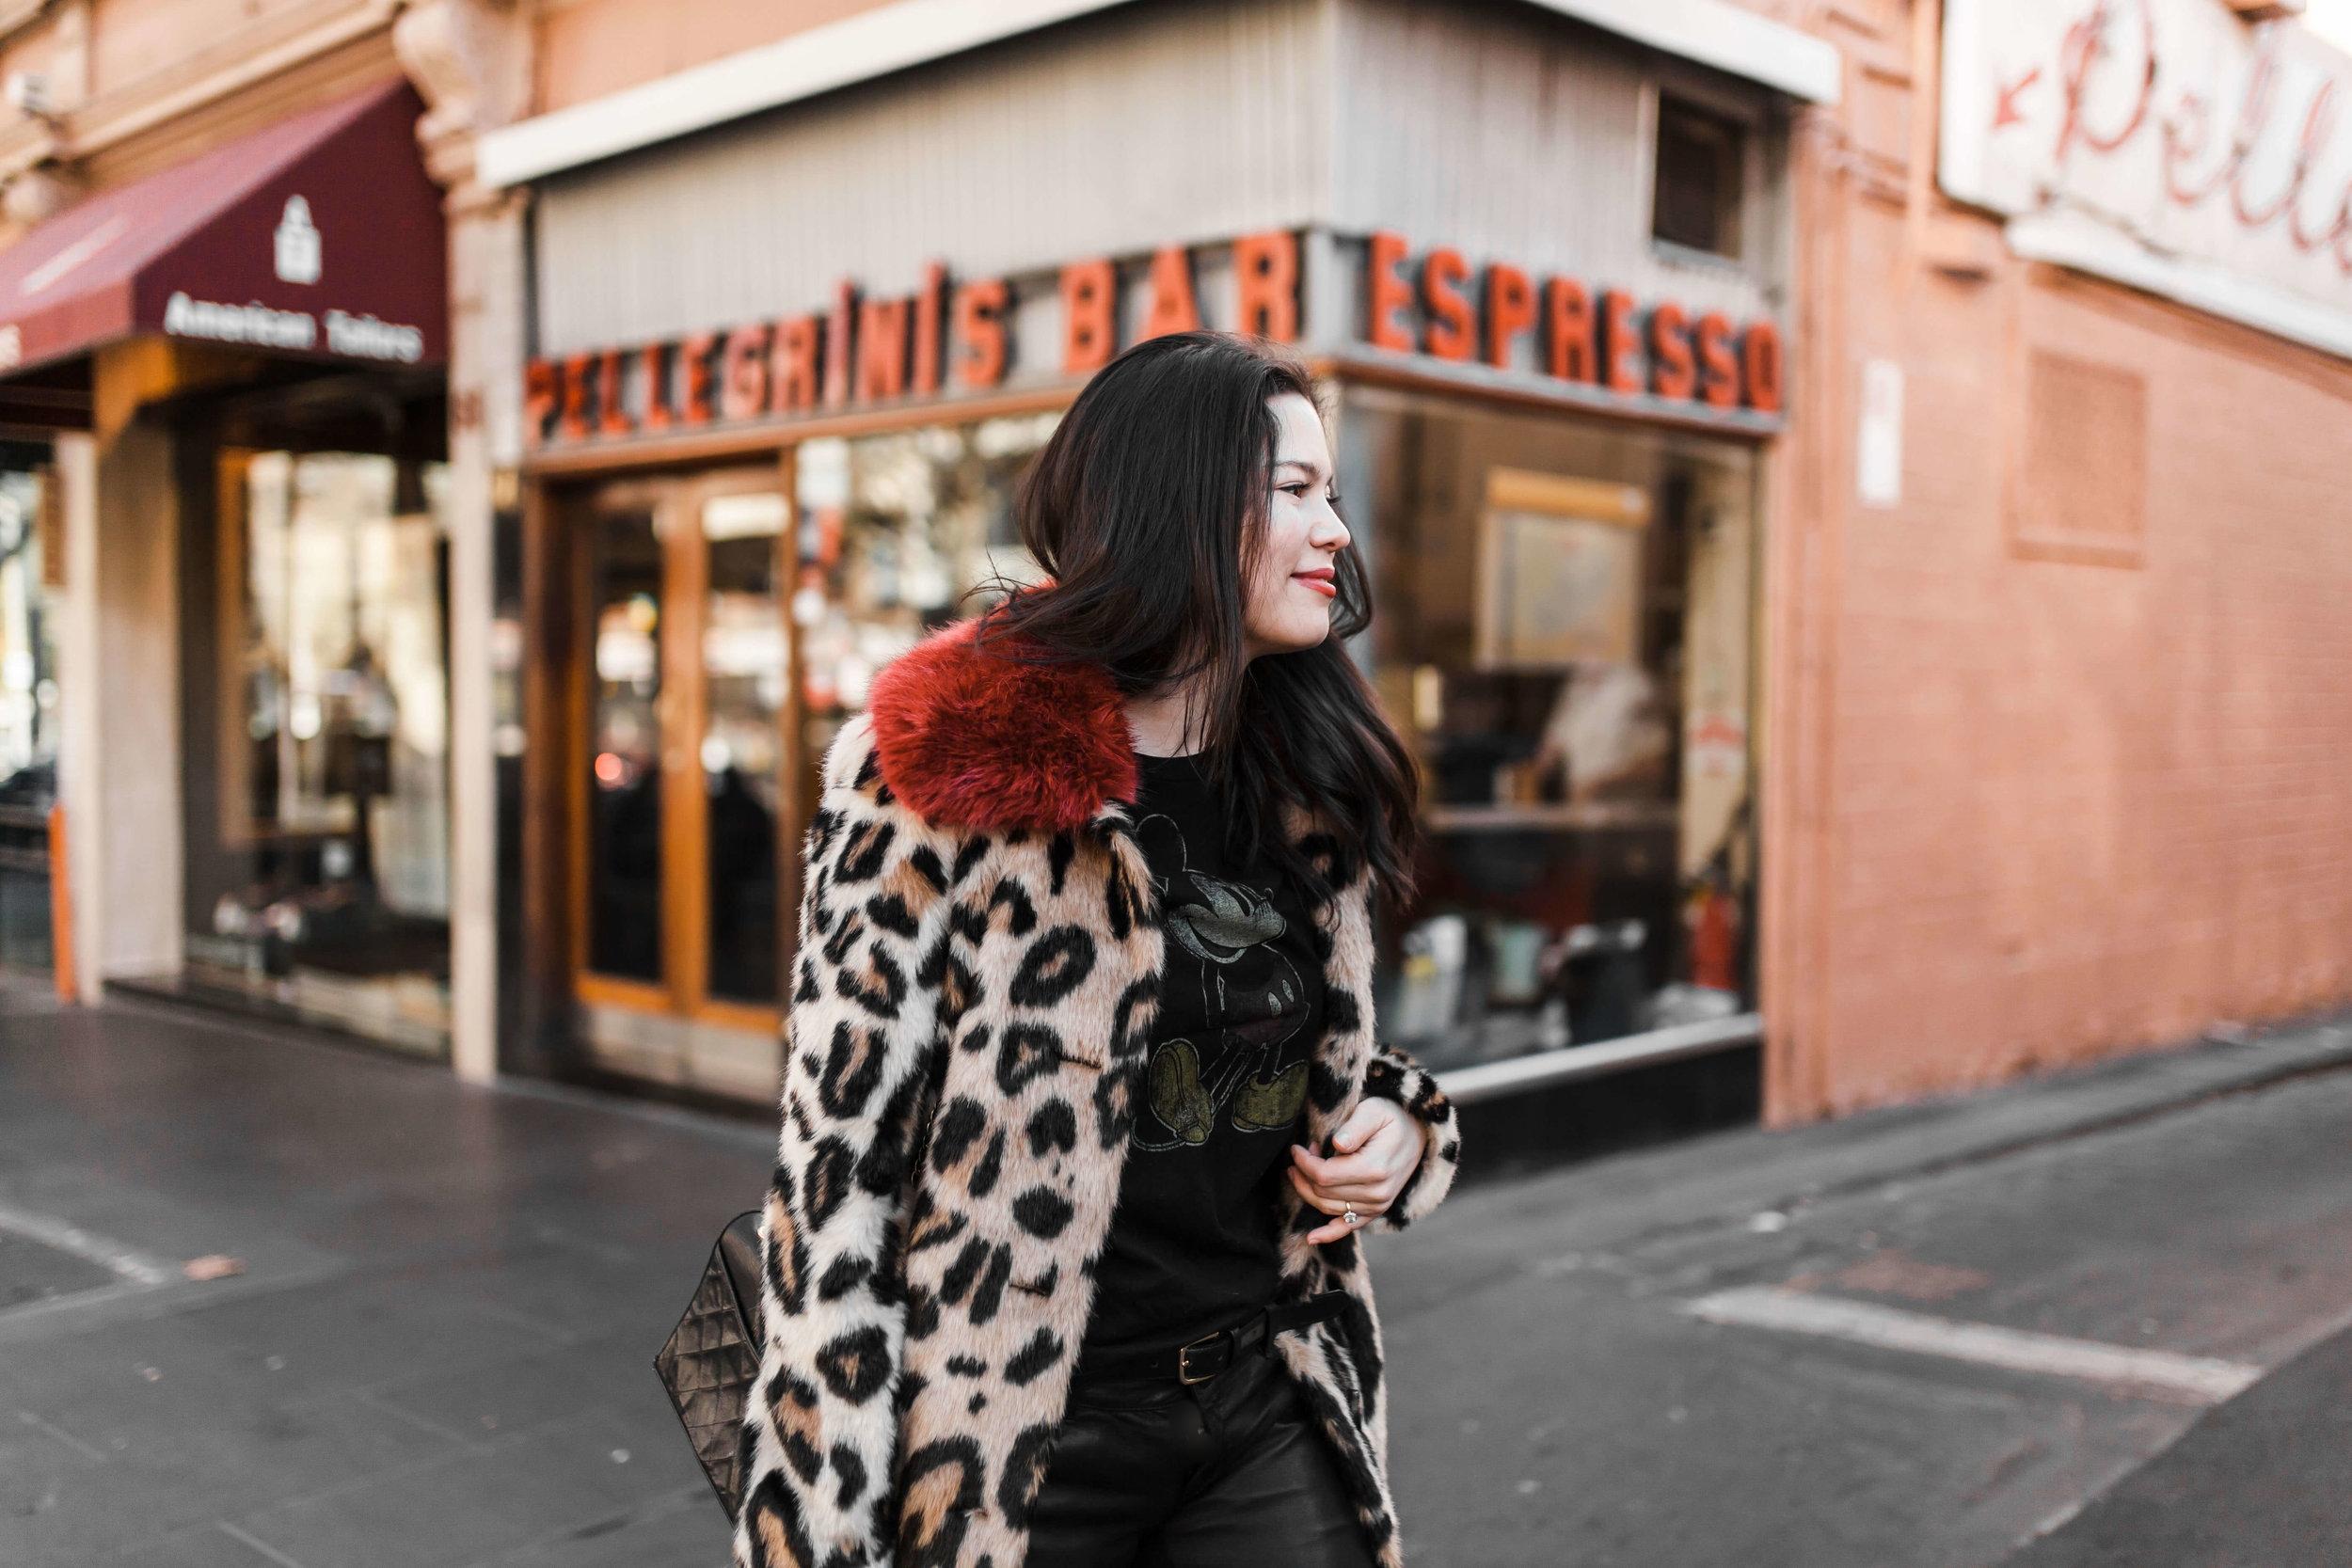 Leopard Print Trends Lei Lady Lei